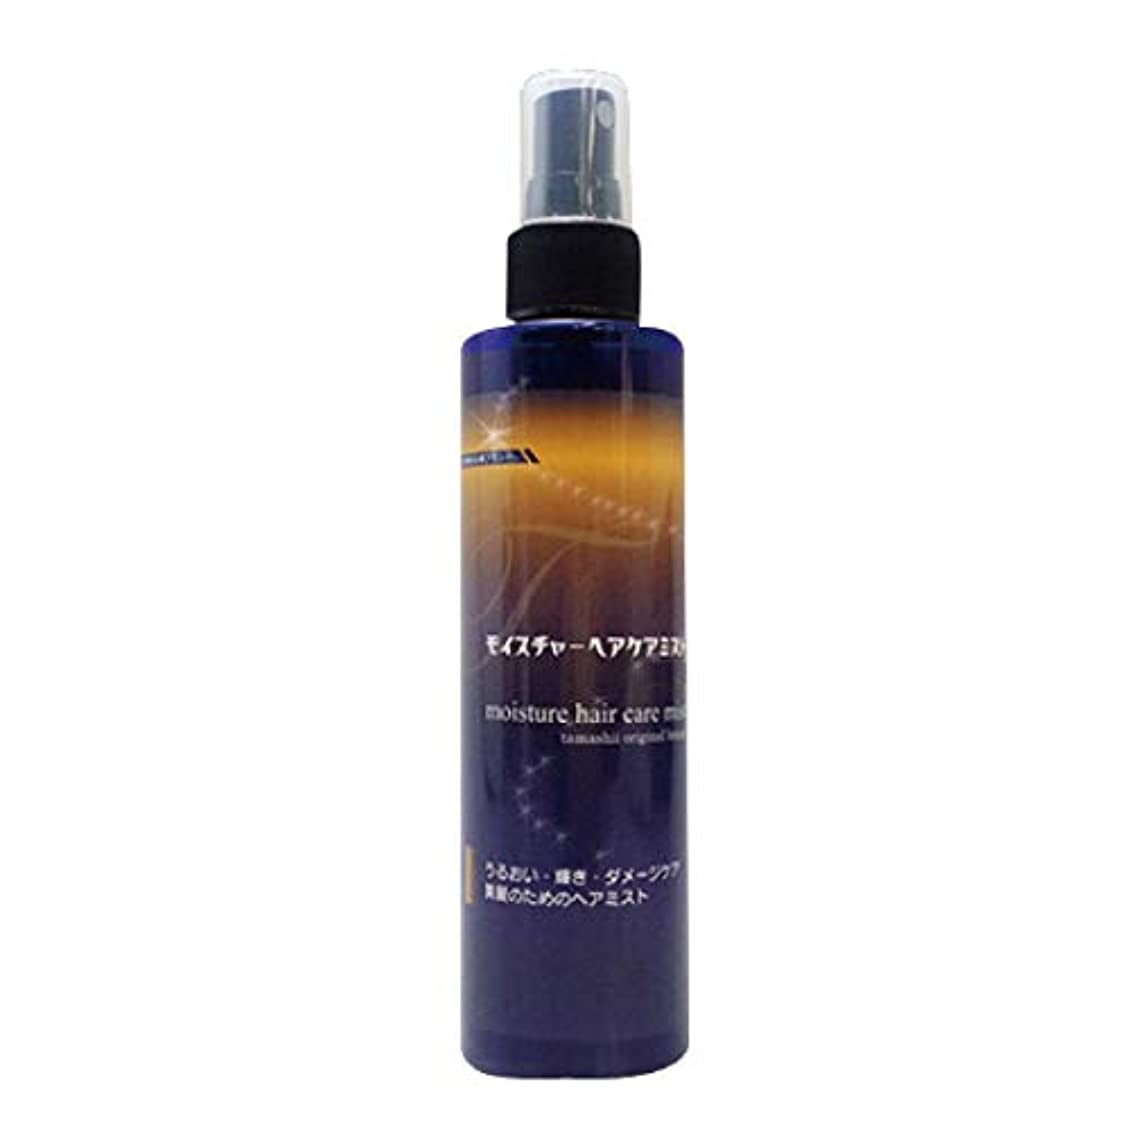 窒素先例受け入れたモイスチャーヘアケアミスト200ml(無香料) ミストタイプのノンケミカル無添加トリートメント(髪の美容液)